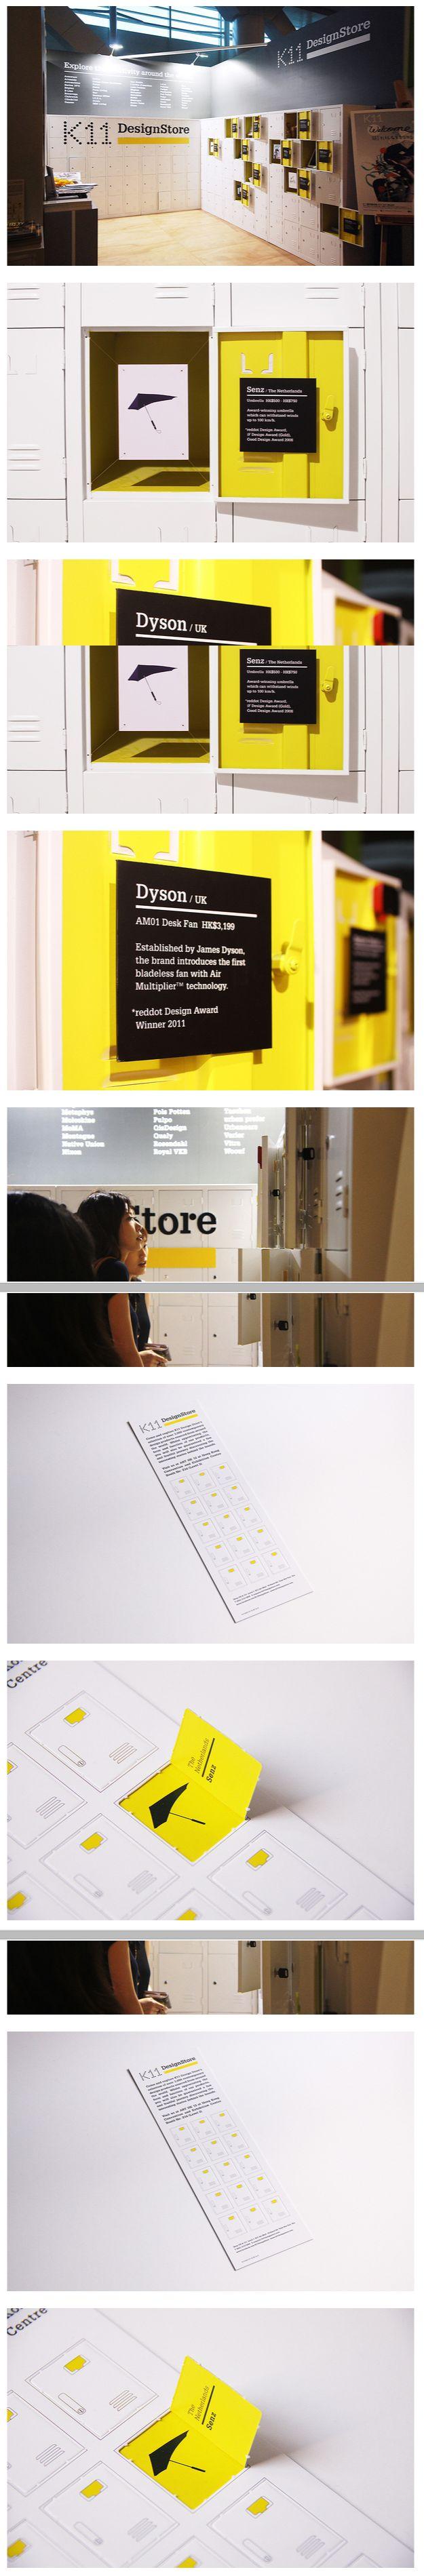 exhibition display Environmental Graphic Design, Signage Sistems, Interior wayfinding, señaletica para empresas, diseño de locales comerciales Canton Crossing   #Wayfinding   #Signage